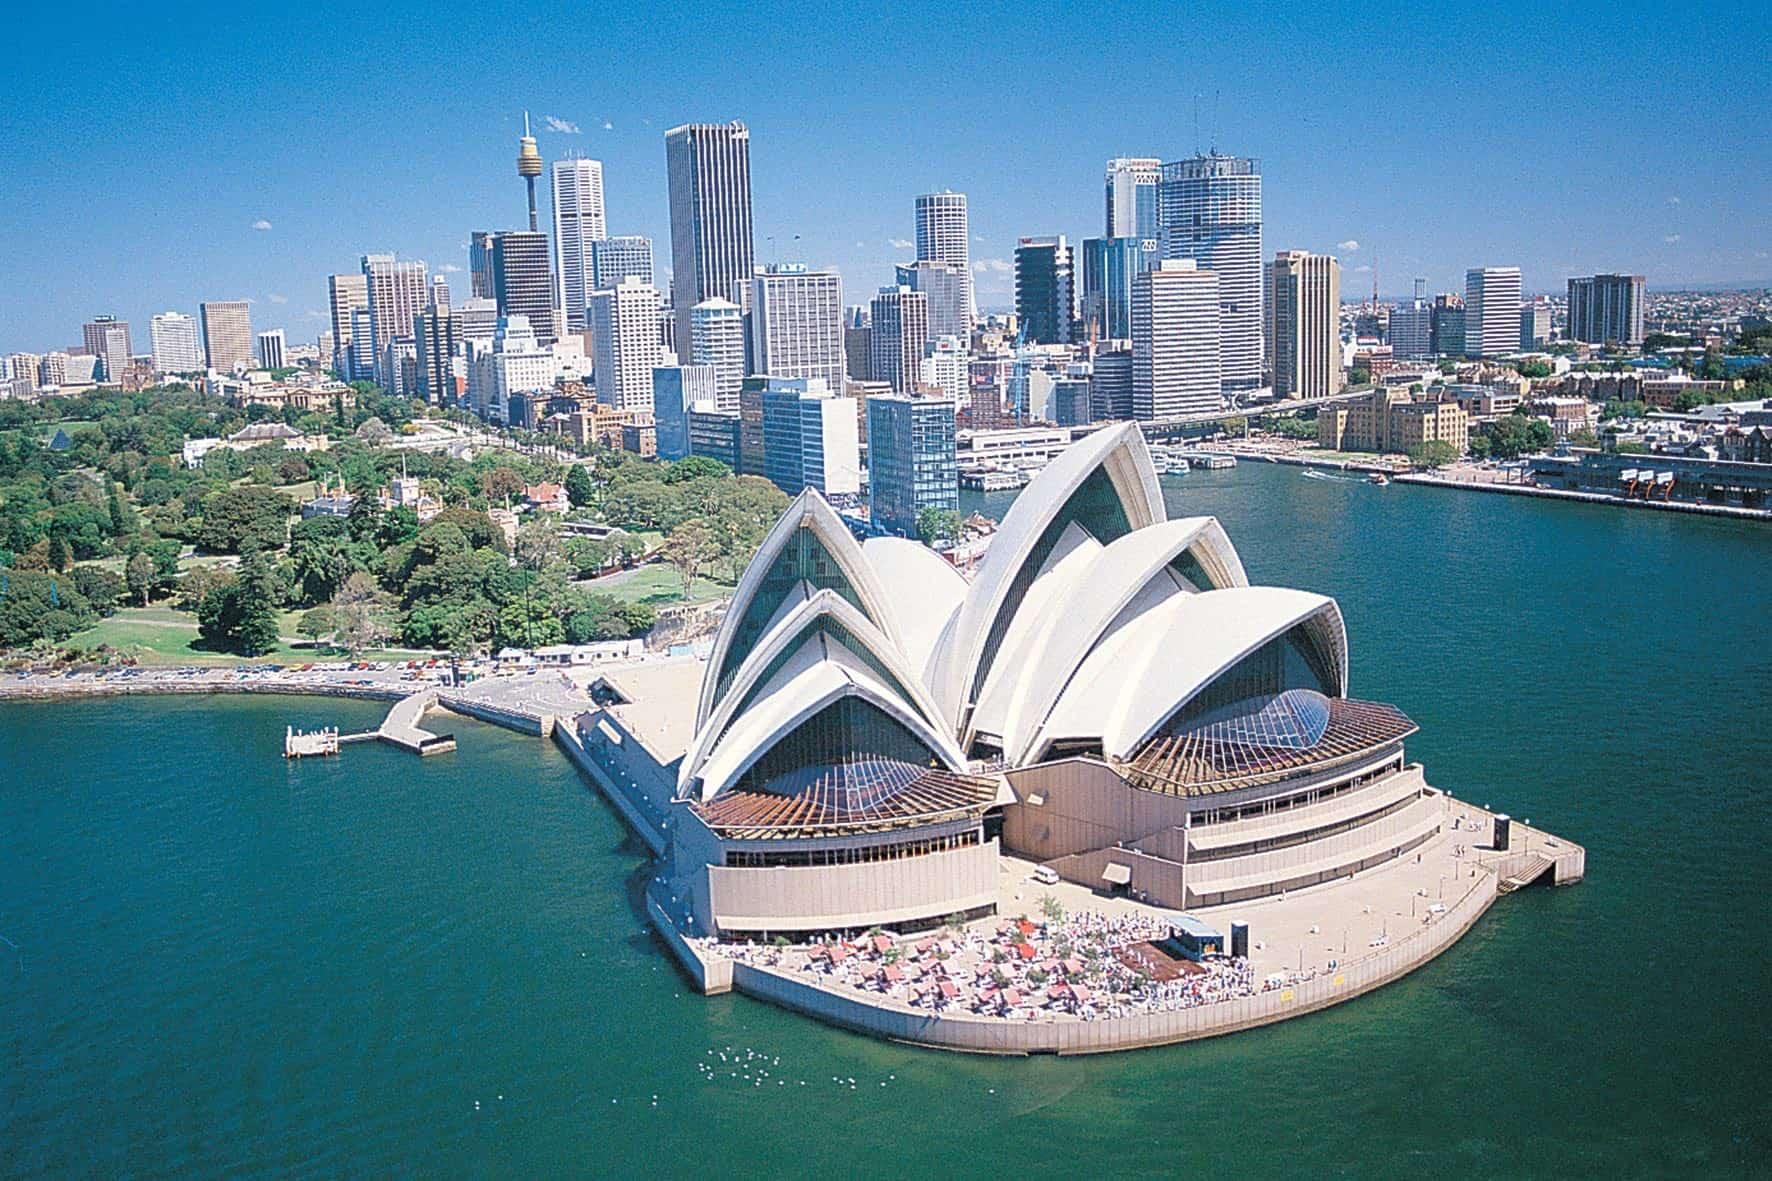 Nghe du học sinh kể những điều lầm tưởng về Úc mới thấy trước giờ ai cũng nghĩ sai về nước này - Ảnh 10.